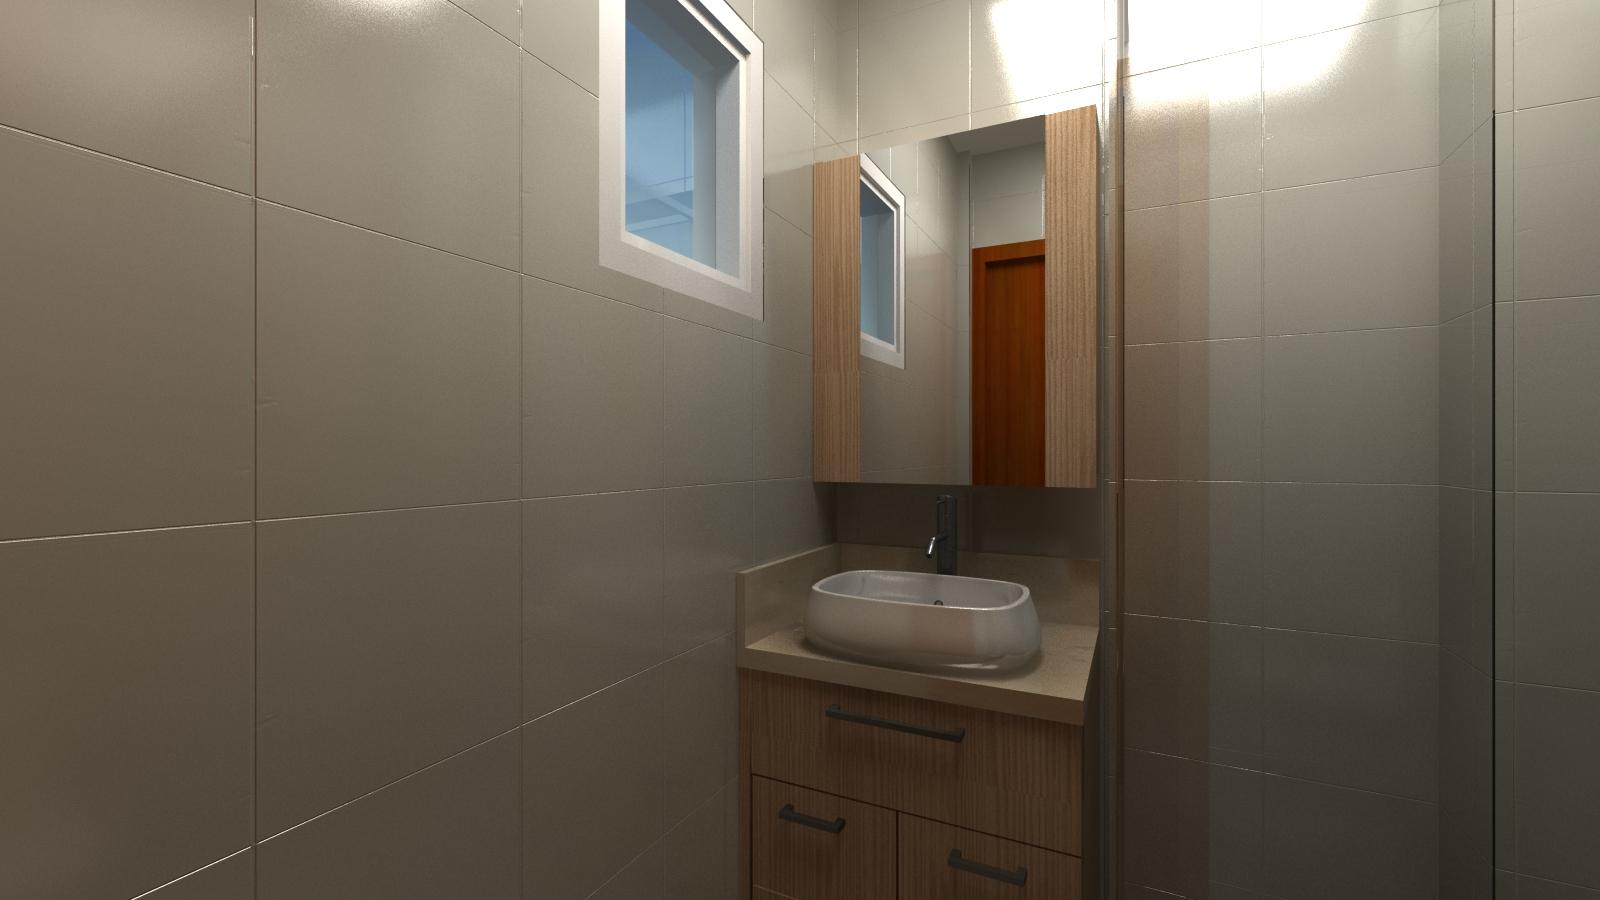 FORMA E CONCEITO ARQUITETURA: Apartamento em Ibirama 03 #496B82 1600x900 Banheiro Com Duas Portas